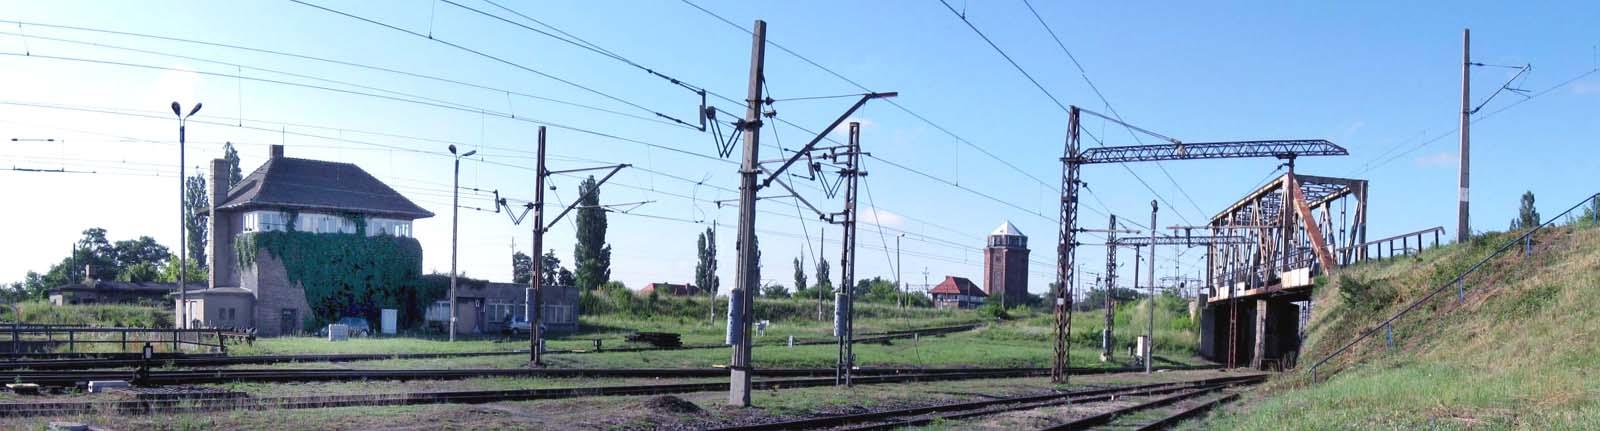 Dworzec towarowy z Zbąszynku 27.07.2009